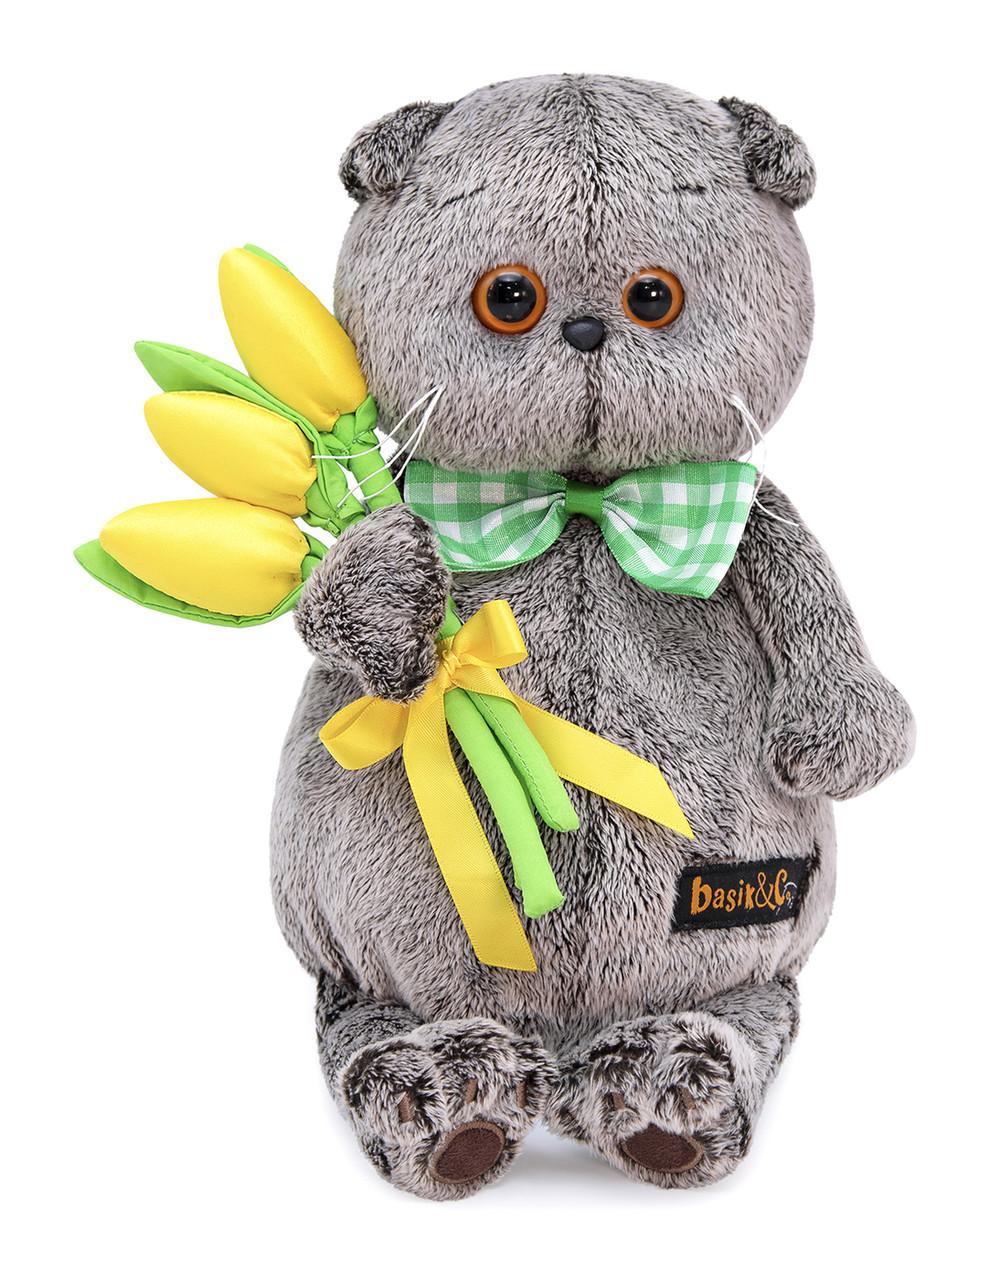 """Мягкая игрушка """"Басик с желтыми тюльпанами"""", 19 см"""